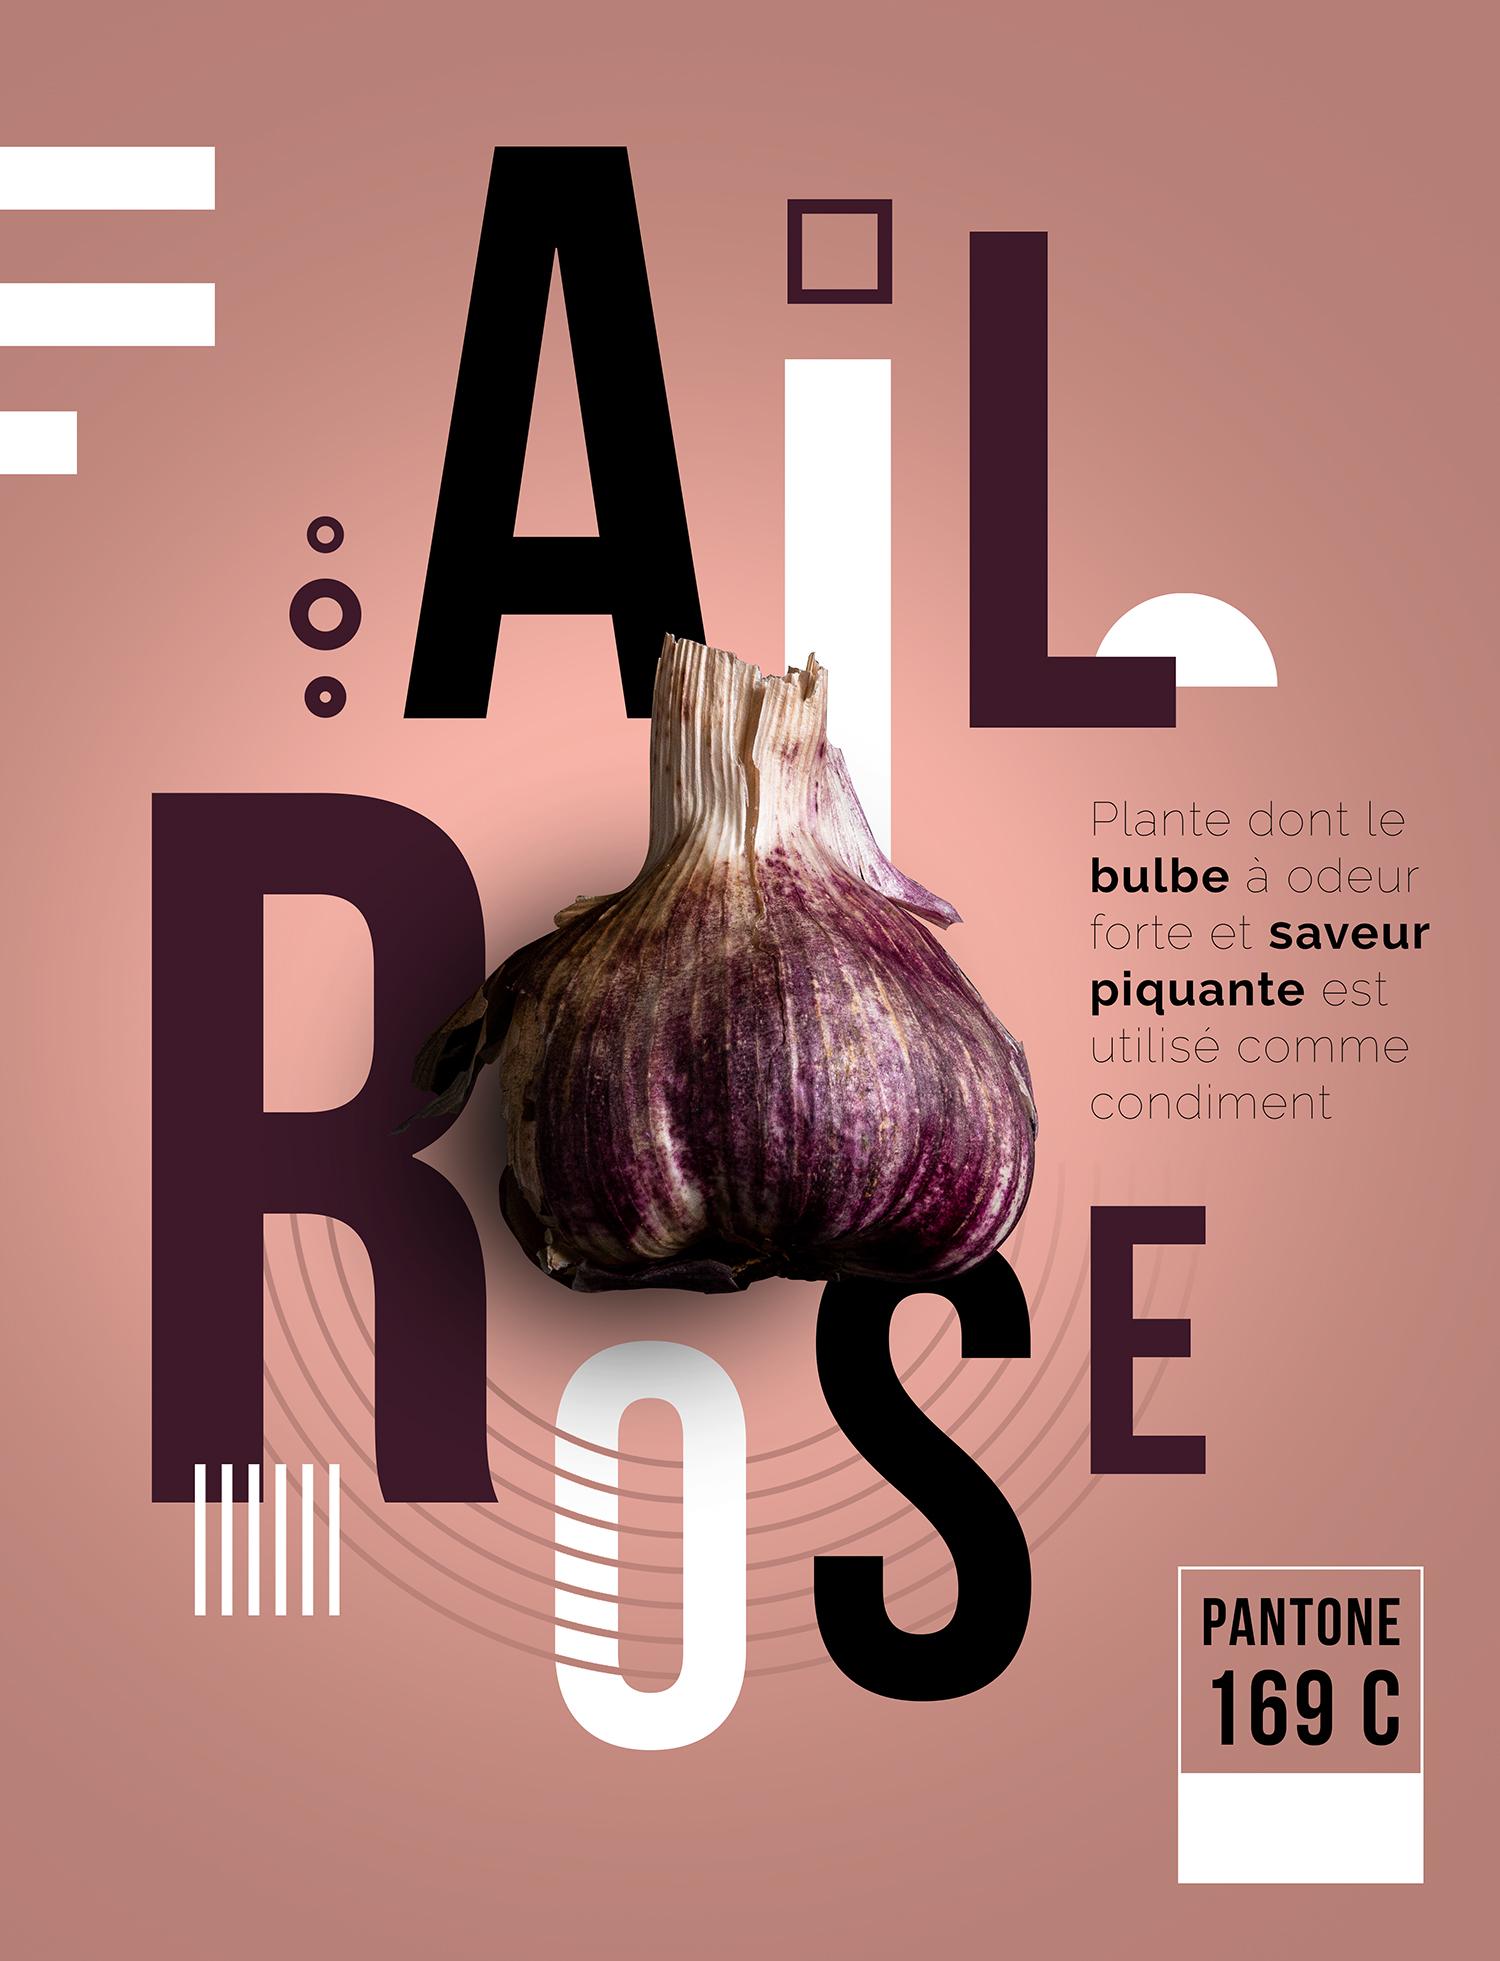 L'ail rose photographié intégré dans son affiche graphique